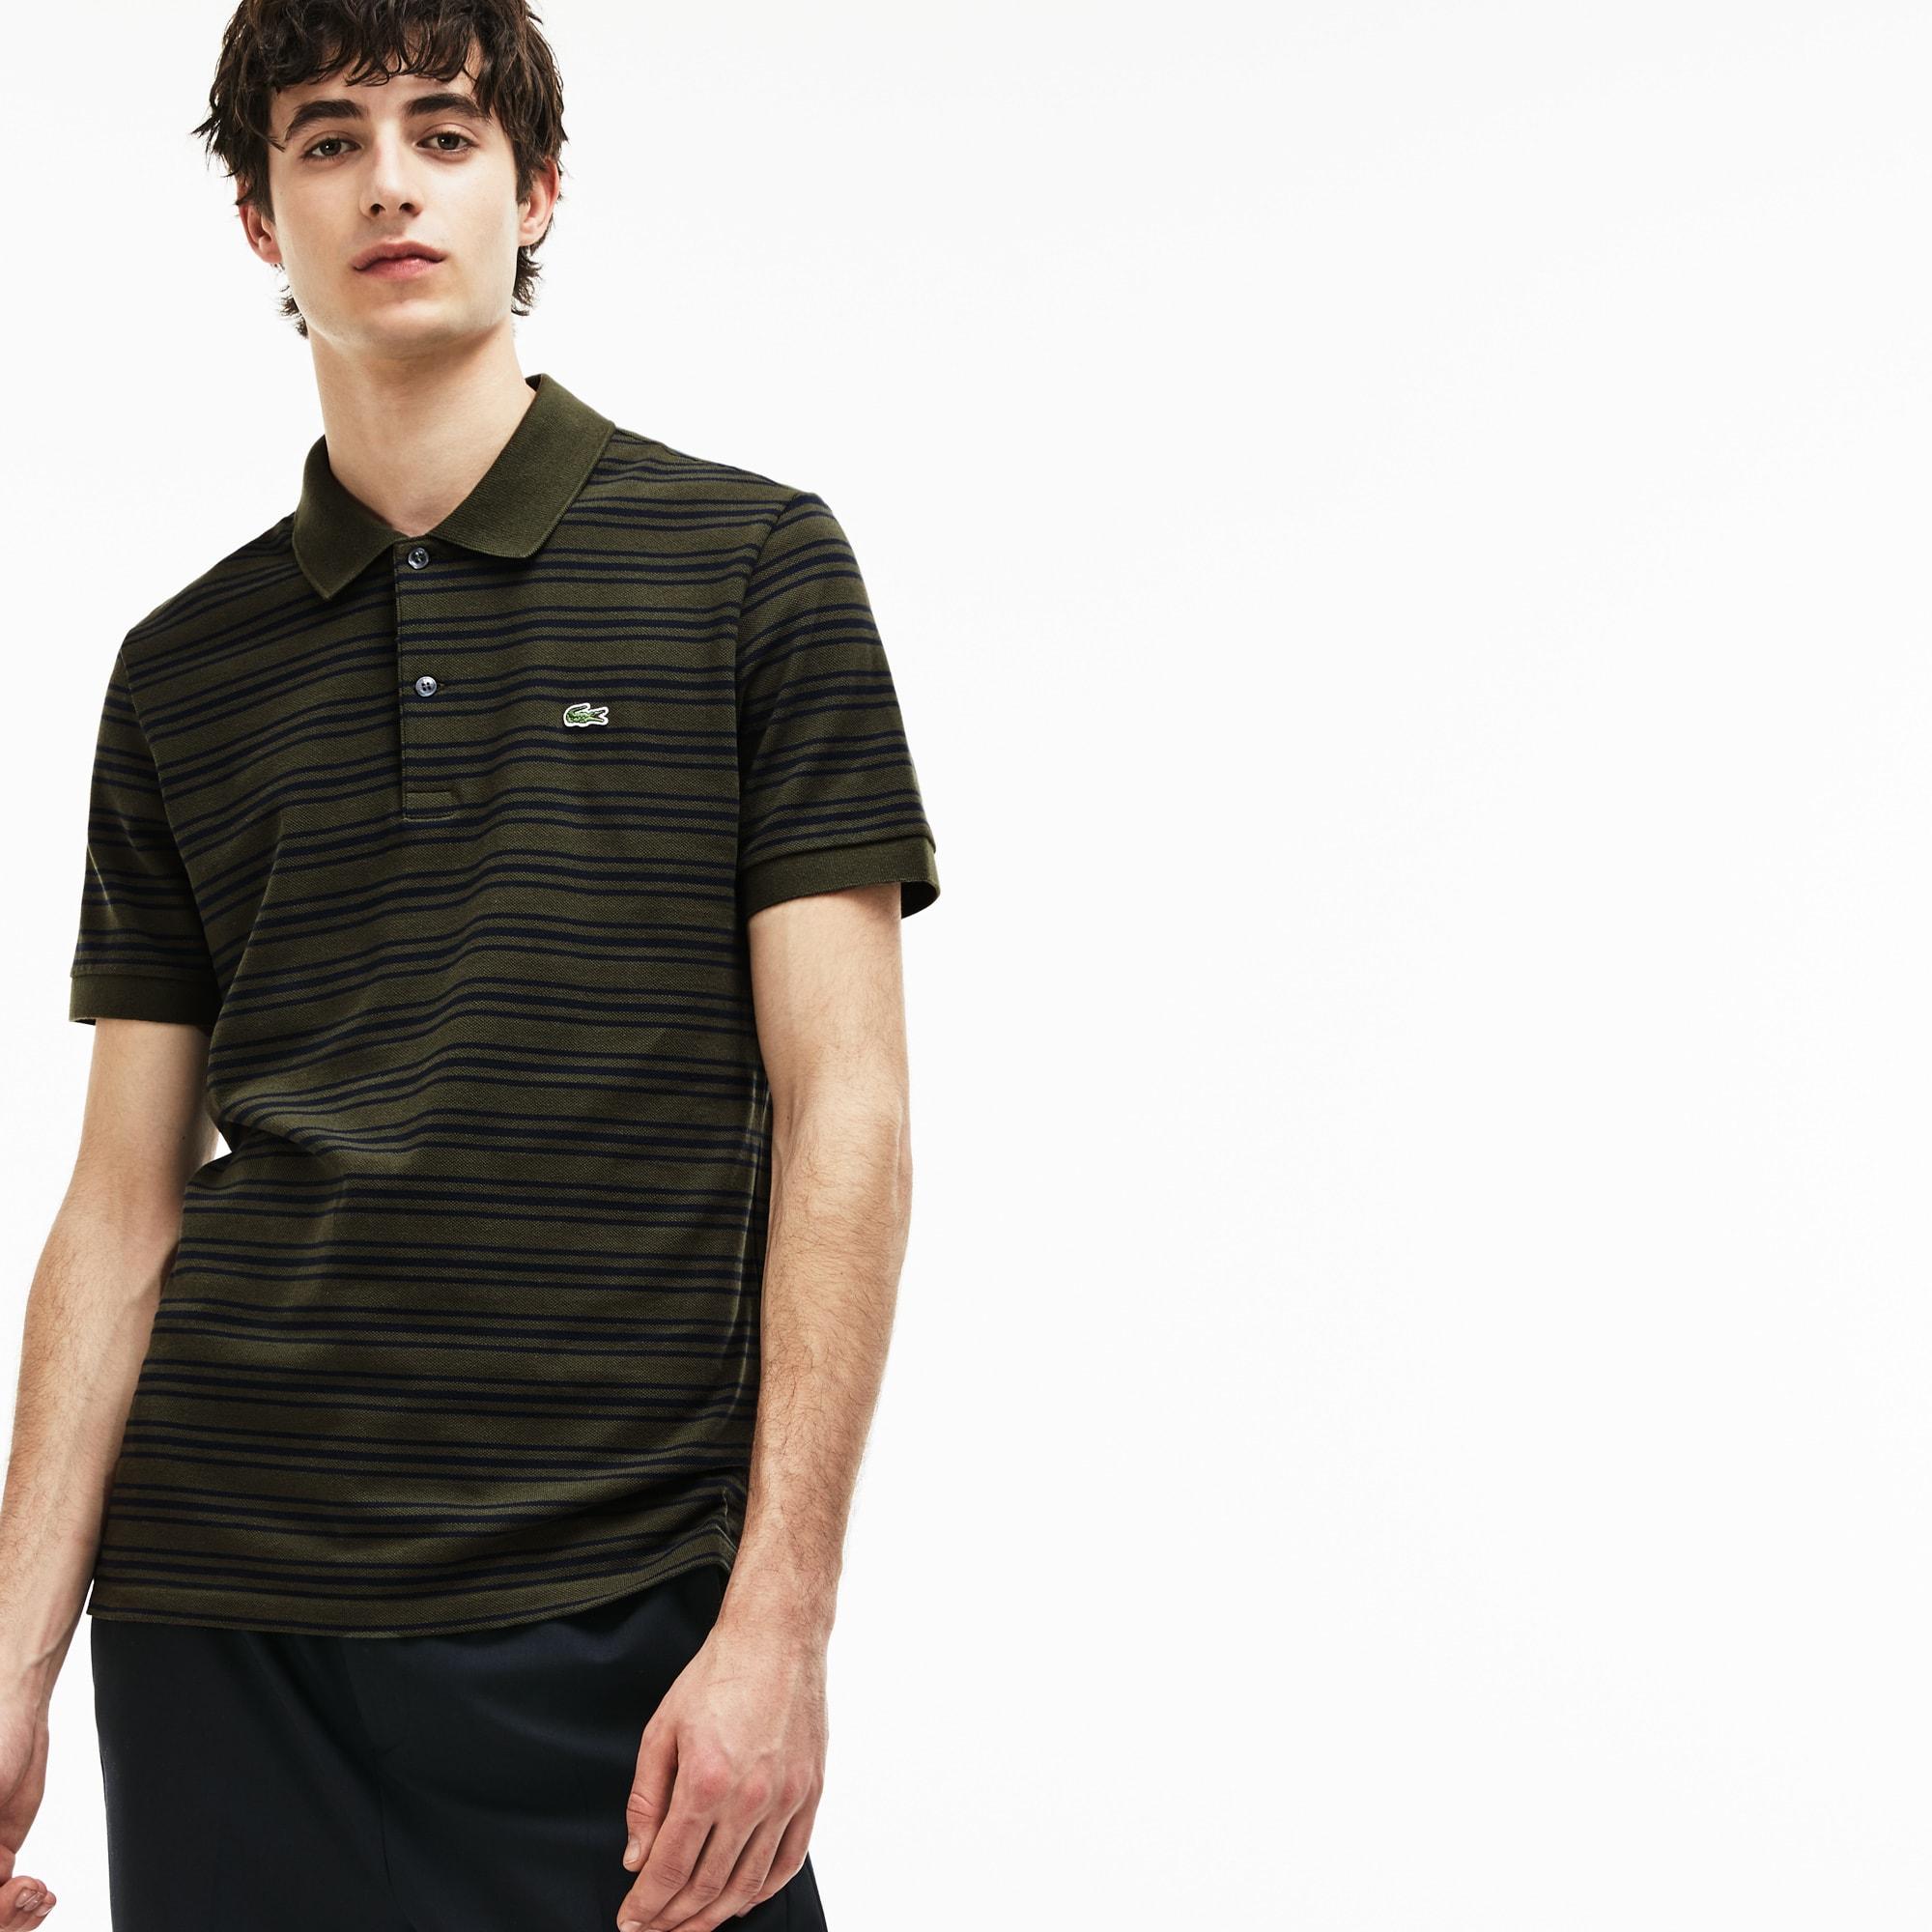 Herren LACOSTE Regular Fit Poloshirt aus Baumwoll-Piqué